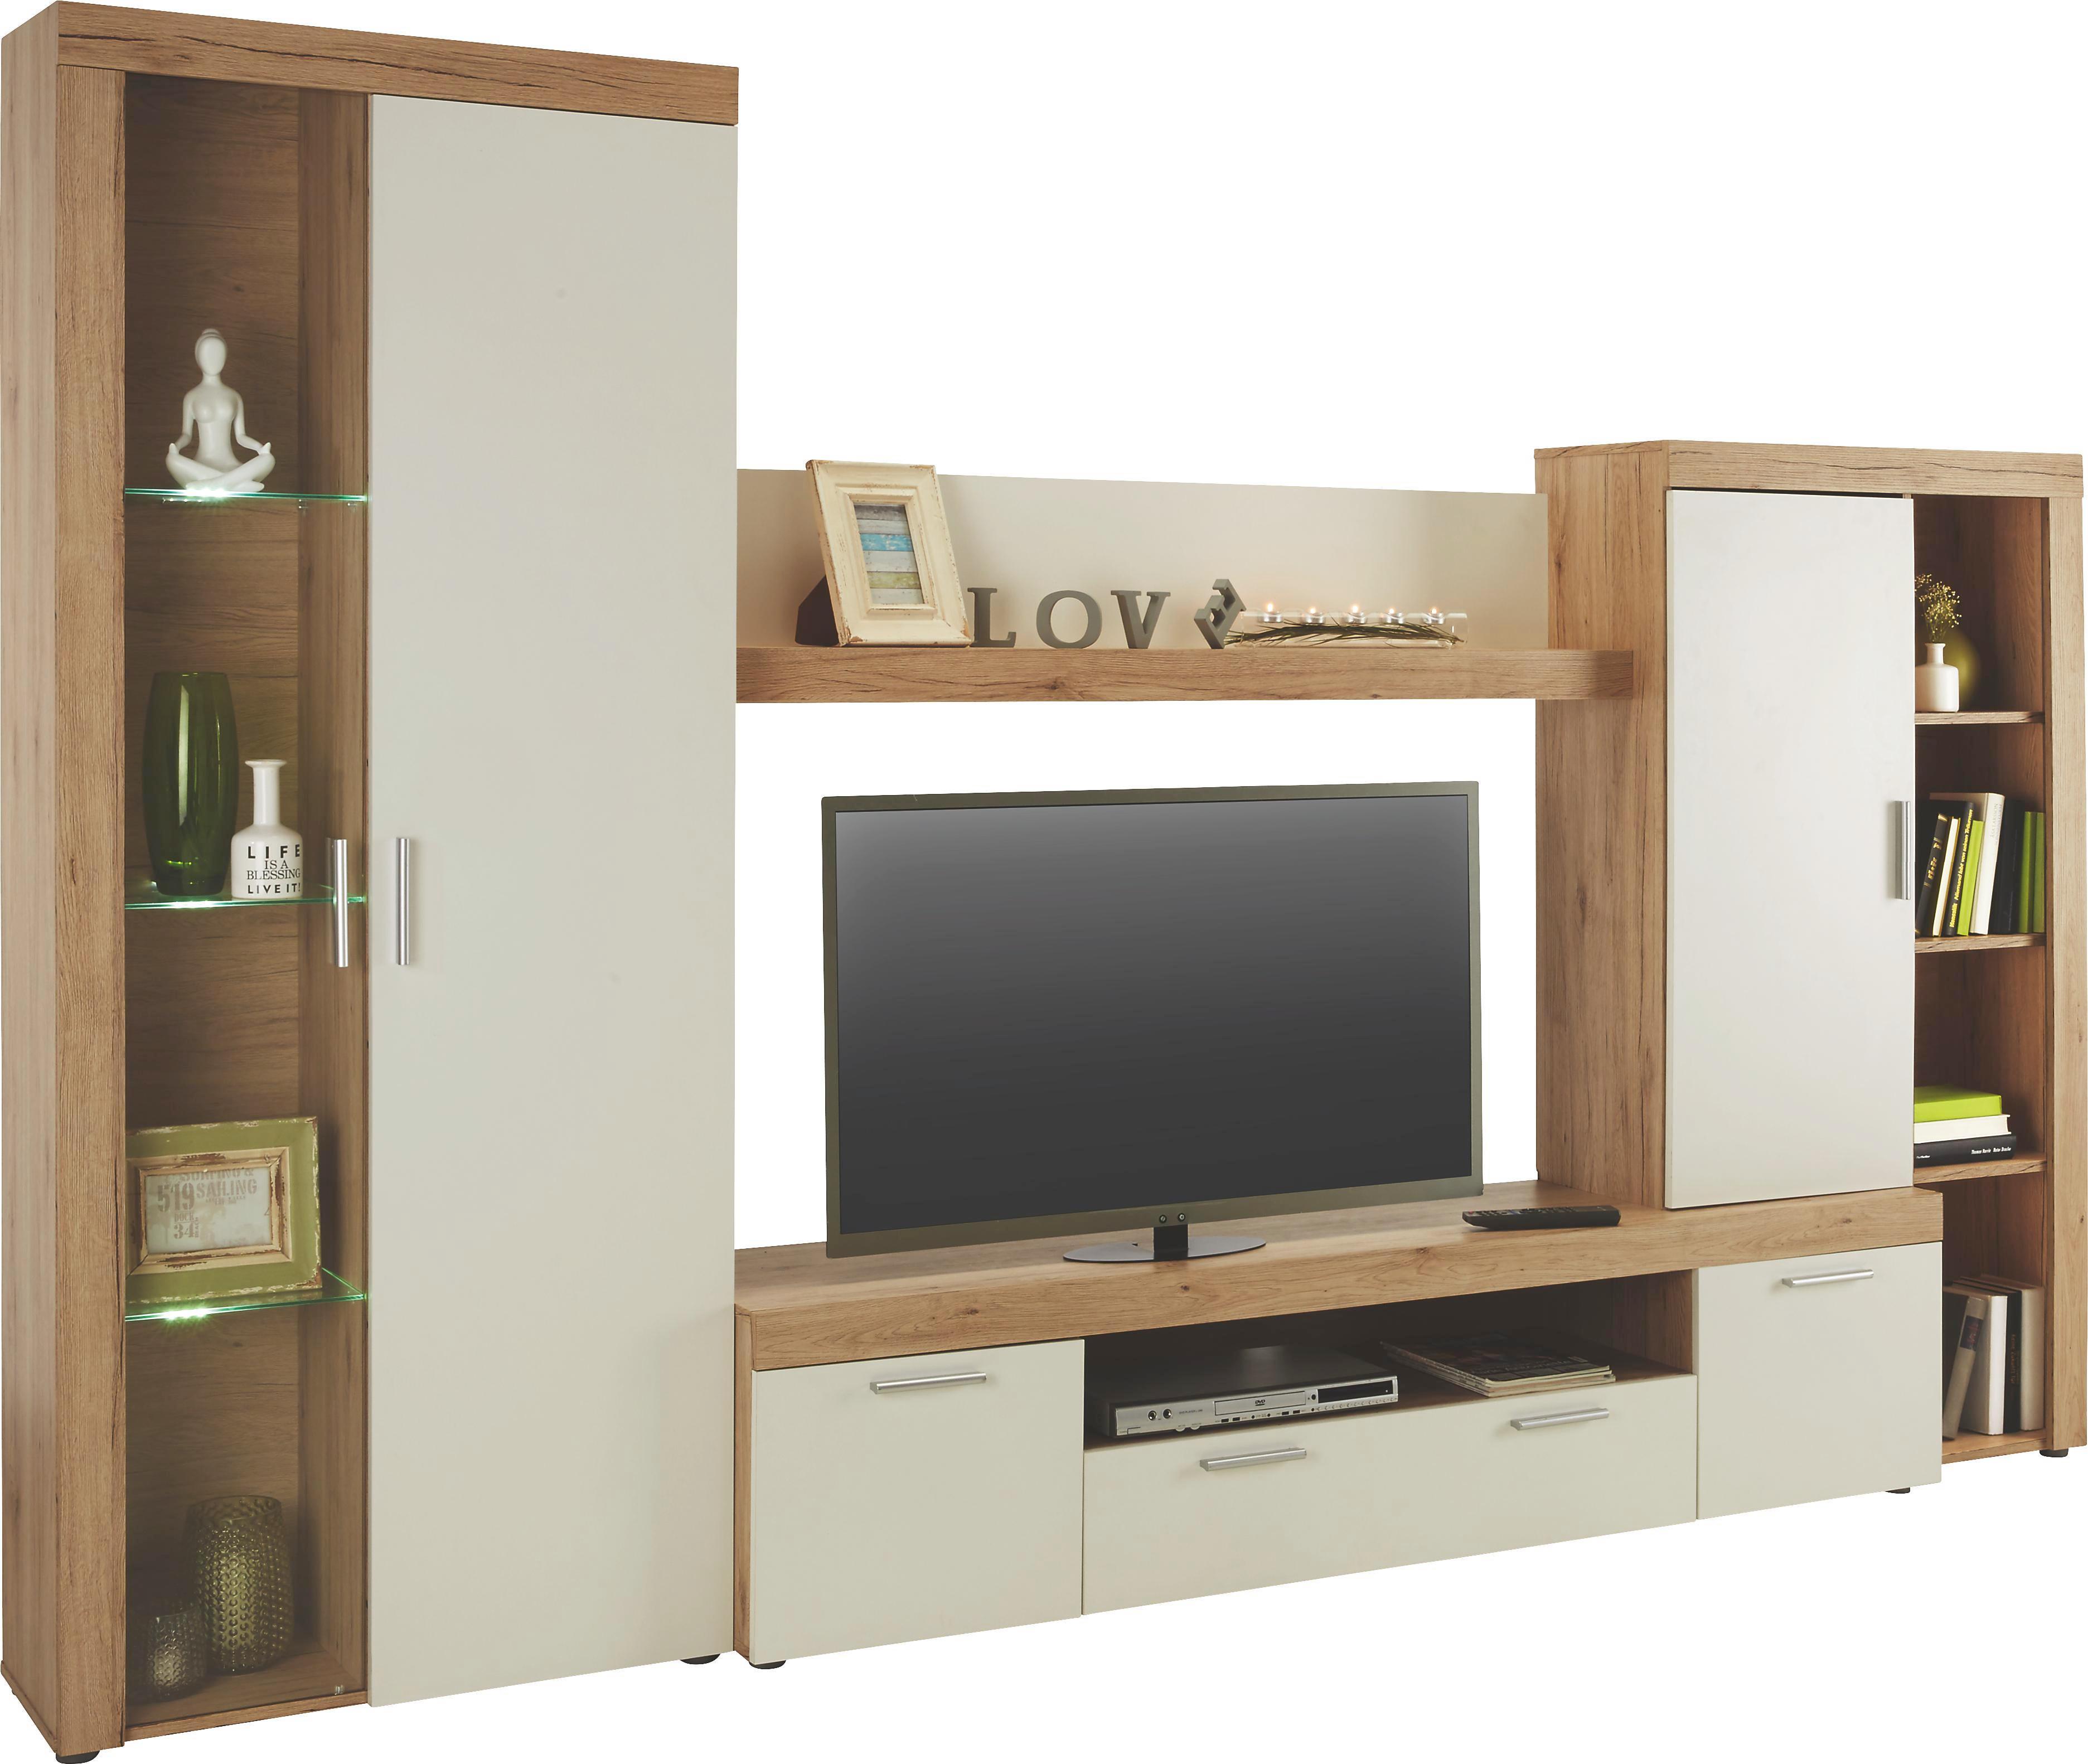 Wohnwand Weiß/Eichefarben - Eichefarben/Silberfarben, MODERN, Glas/Holzwerkstoff (303/195/42cm) - MODERN LIVING